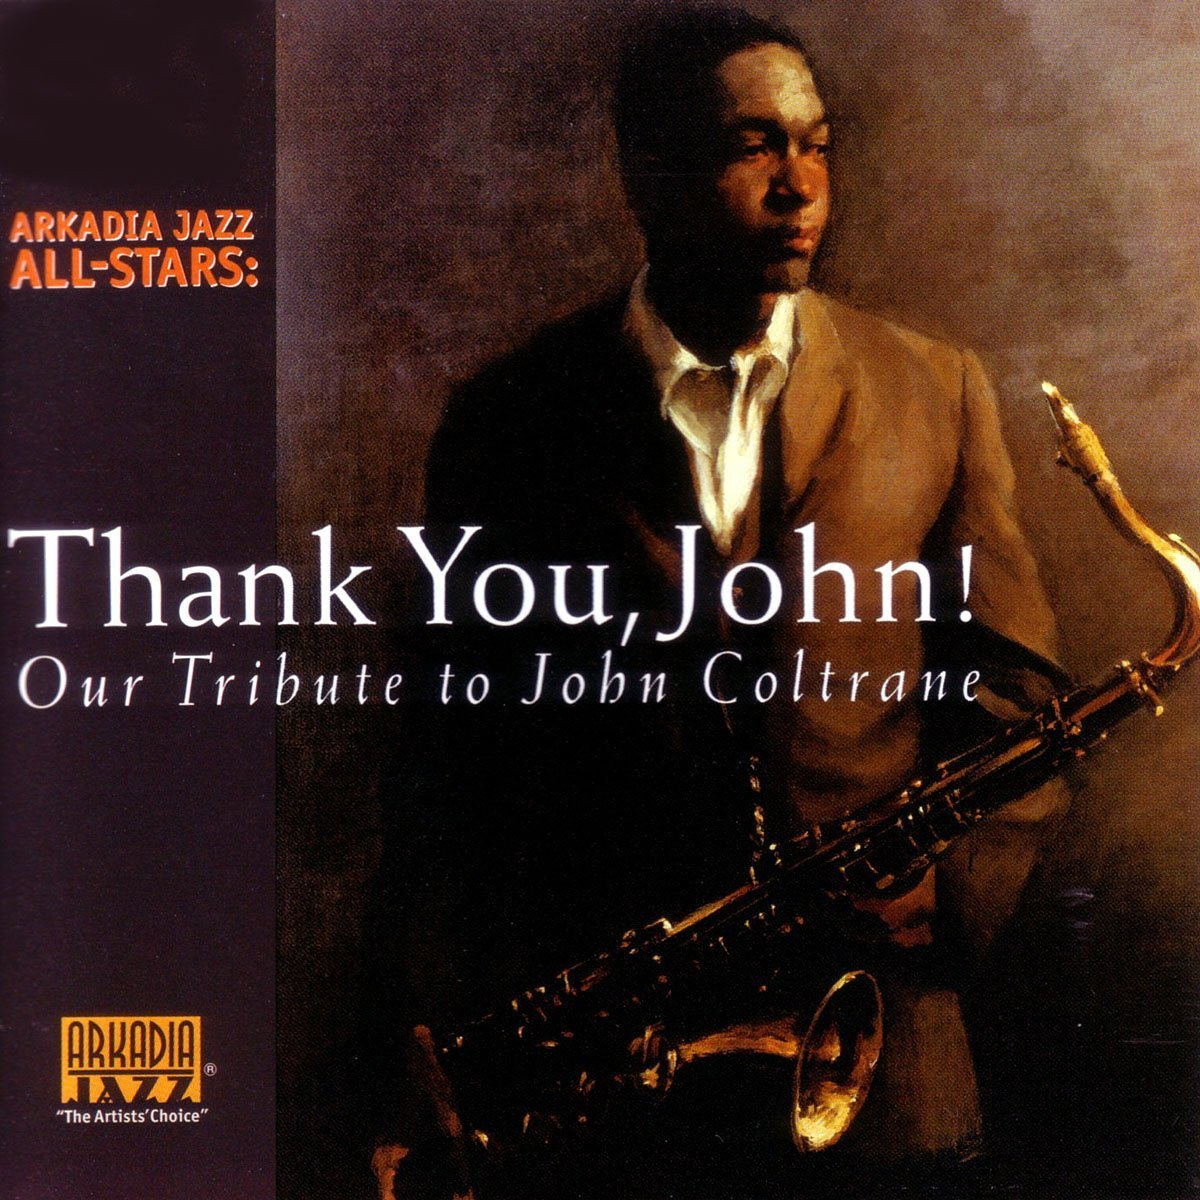 ARKADIA JAZZ ALL-STARS: Thank You, John!